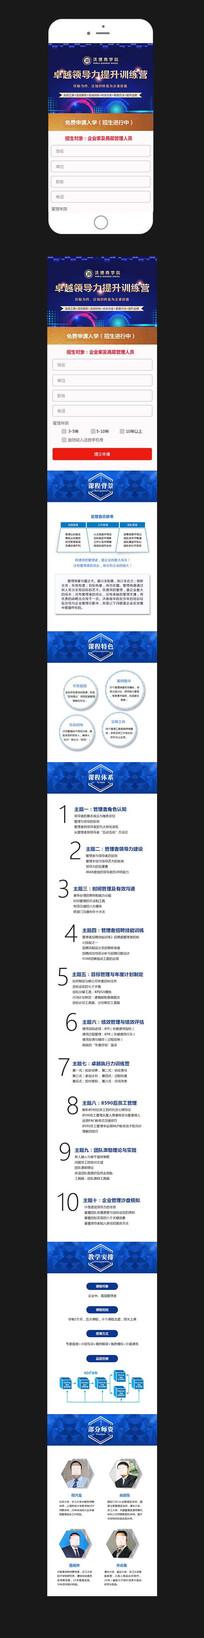 培训行业移动端页面素材 PSD